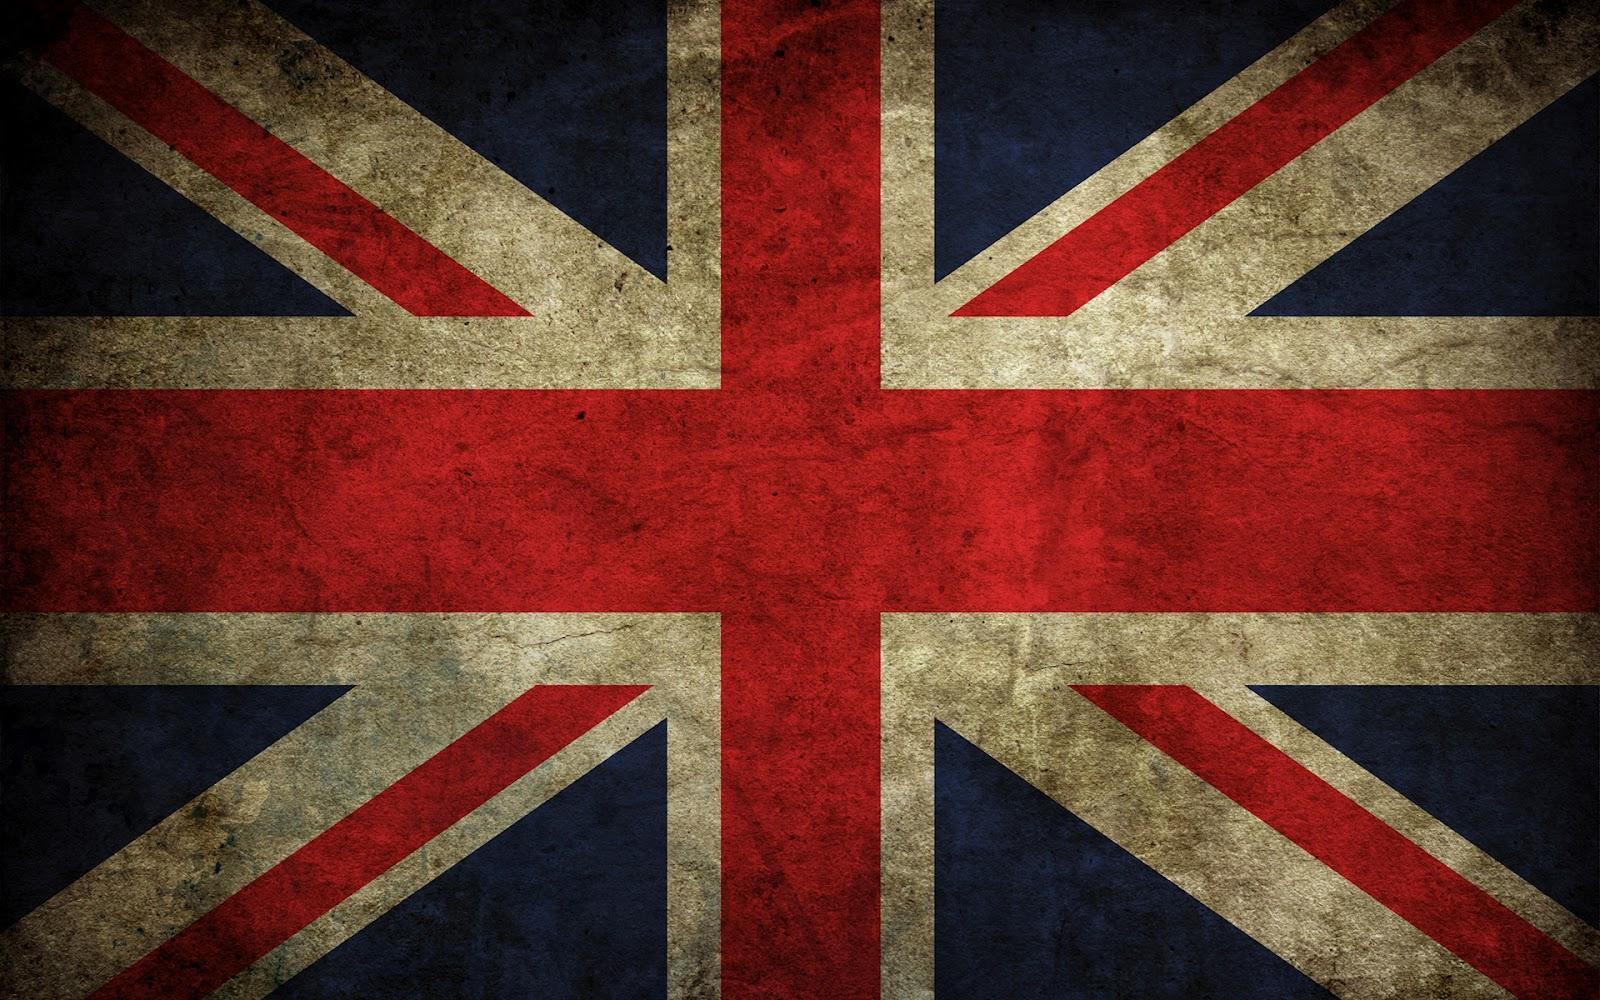 http://4.bp.blogspot.com/-aFaFA2uNMsU/T4enmSJJlZI/AAAAAAAAAWo/z2Ulh57M6oM/s1600/12869_1_other_wallpapers_flag.jpg